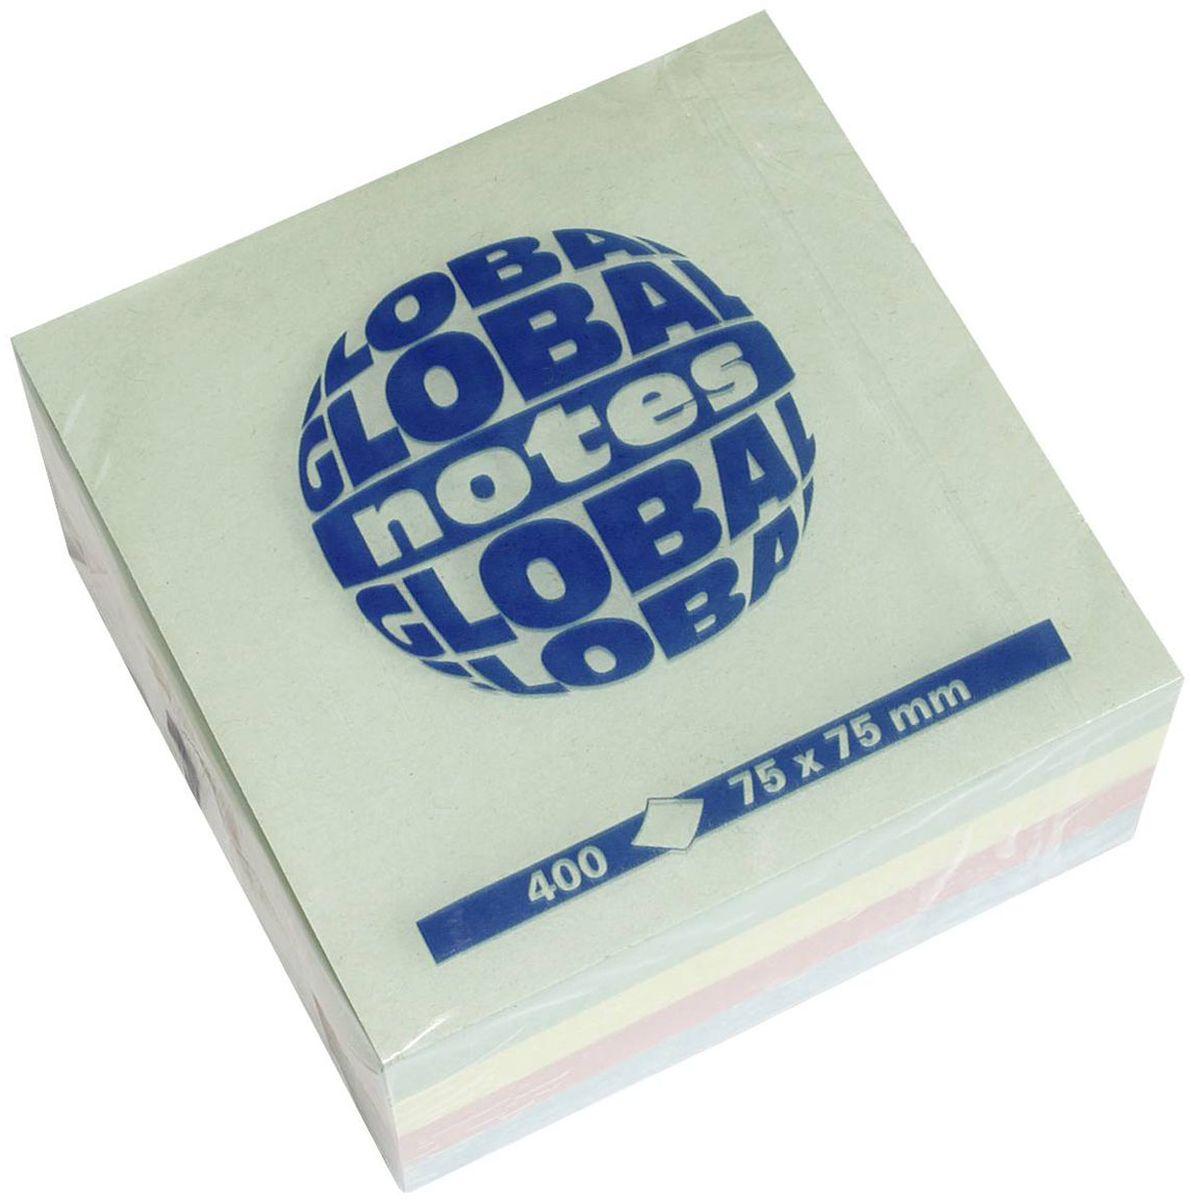 Global Notes Бумага для заметок с липким слоем Радуга 400 листов3820984-х цветная яркая. В блоке бумажки ярко-розового, желтого, голубого и зеленого цвета. Размер 75х75 мм. В блоке 400 листов Плотность бумаги 70гр/м2